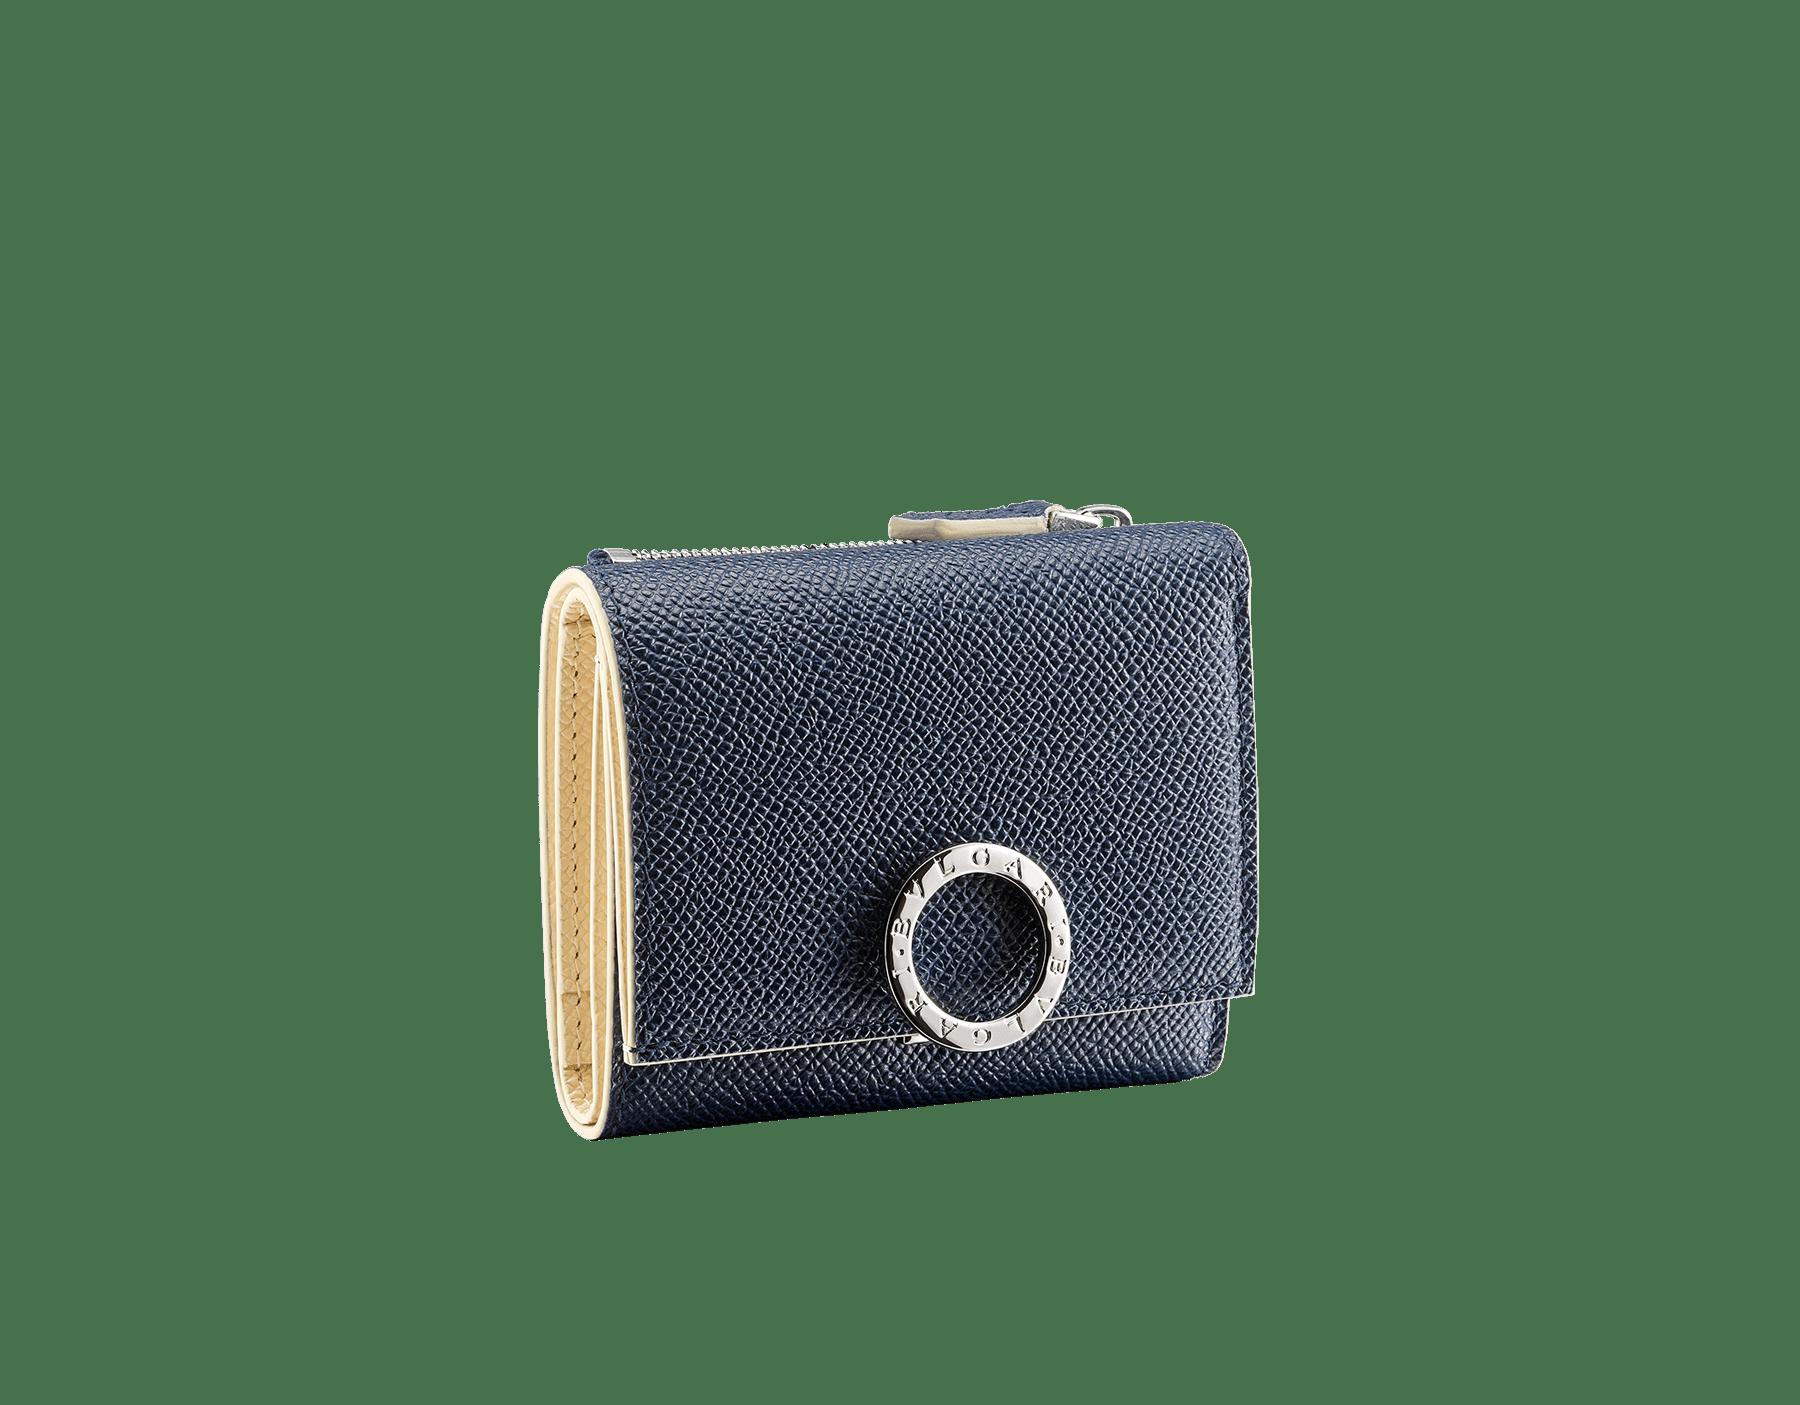 Portefeuille compact et fin «Bvlgari Clip» en cuir de veau grainé couleur blanc Agate et couleur bleu Denim Sapphire. Fermoir emblématique orné du logo Bvlgari en laiton BCM-SLIMCOMPACTb image 1